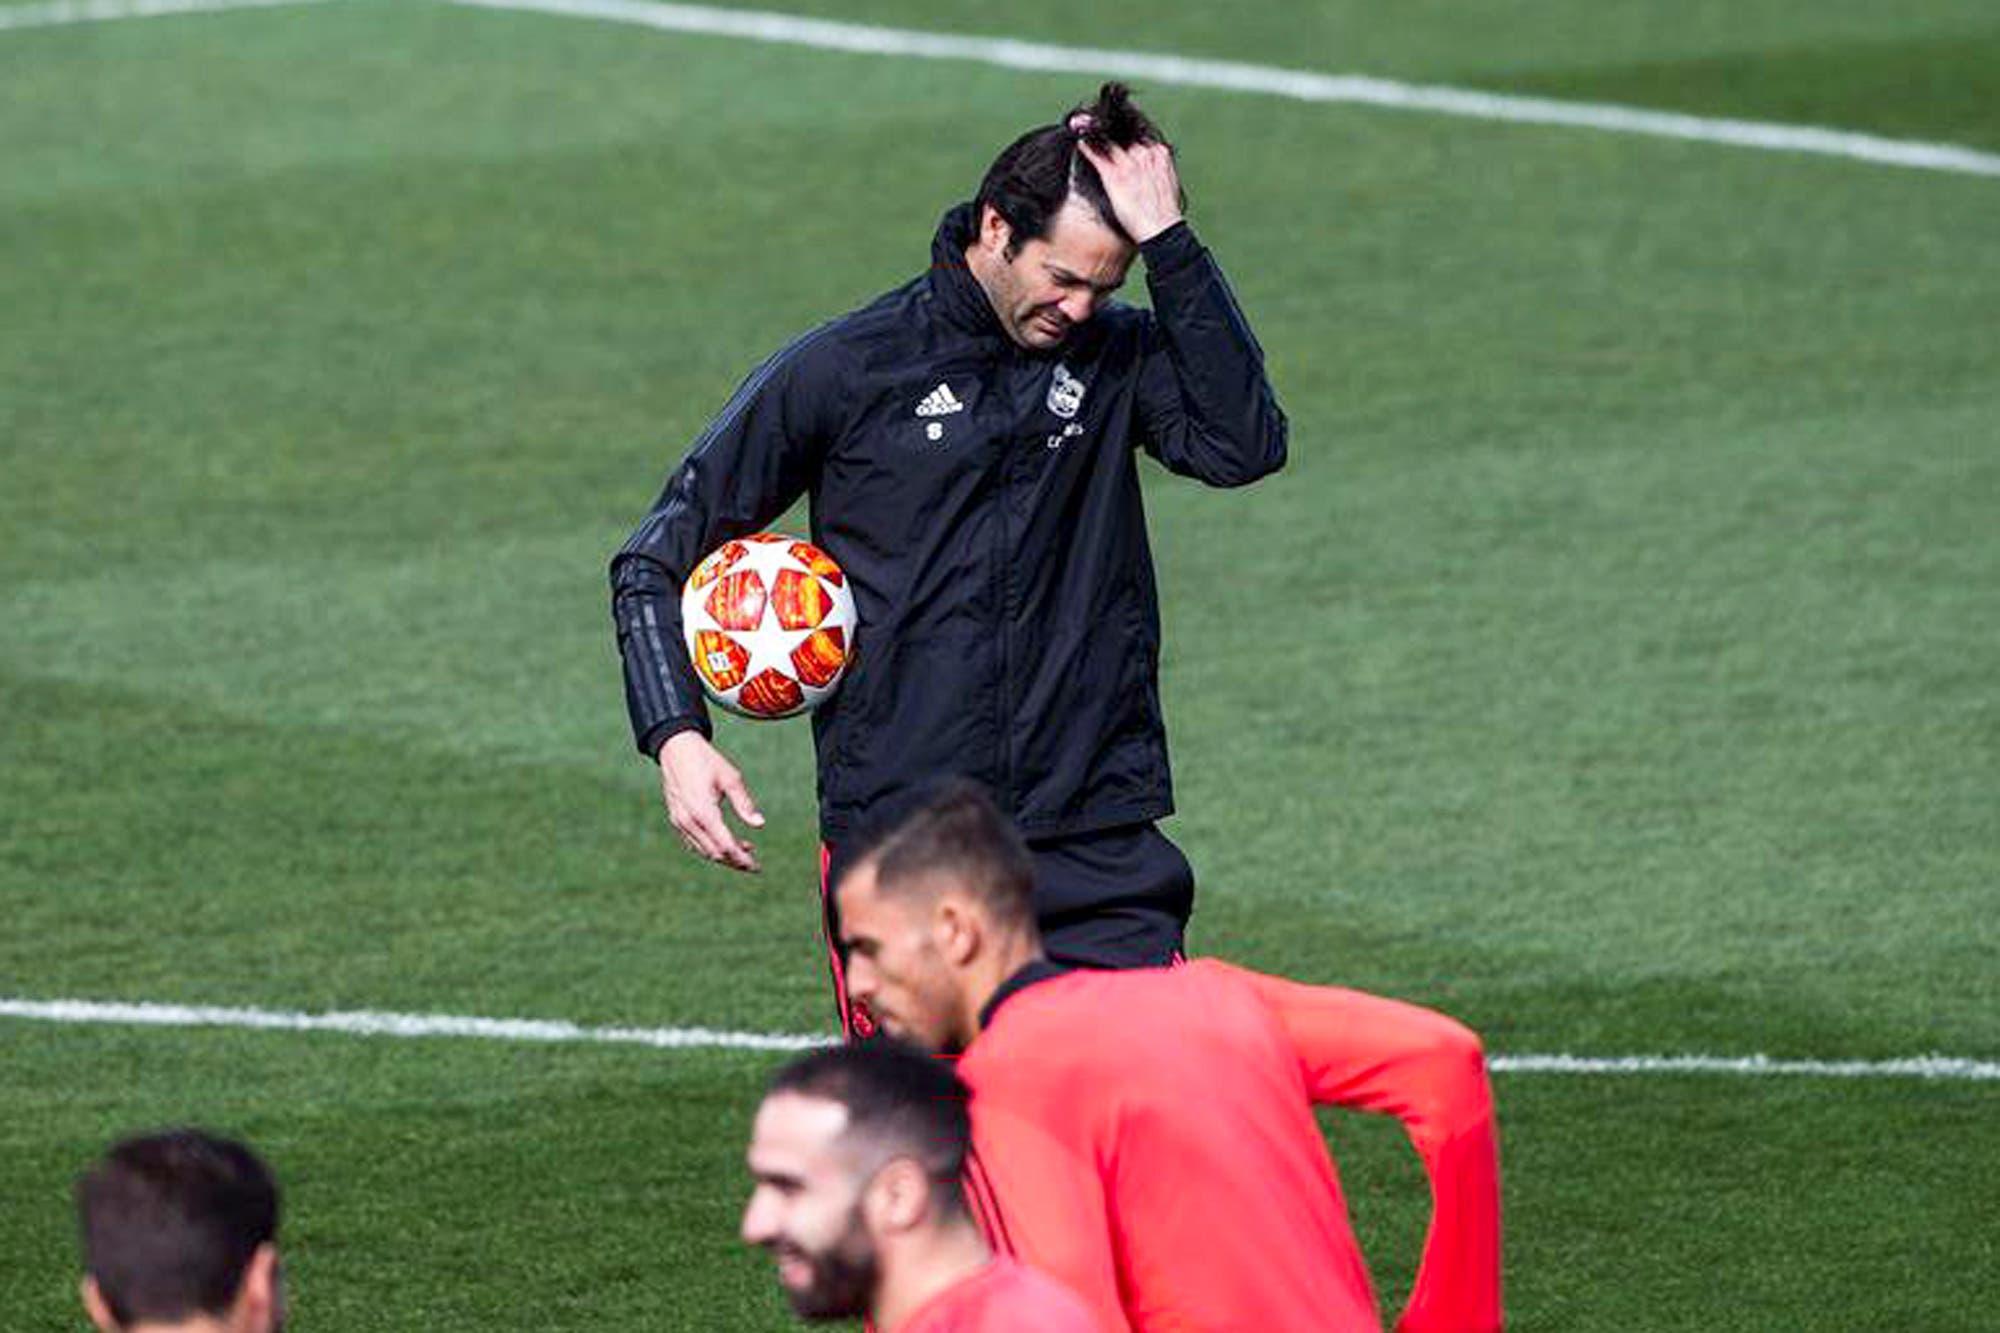 Solari le suelta la mano a parte del plantel en su cuenta regresiva como DT de Real Madrid